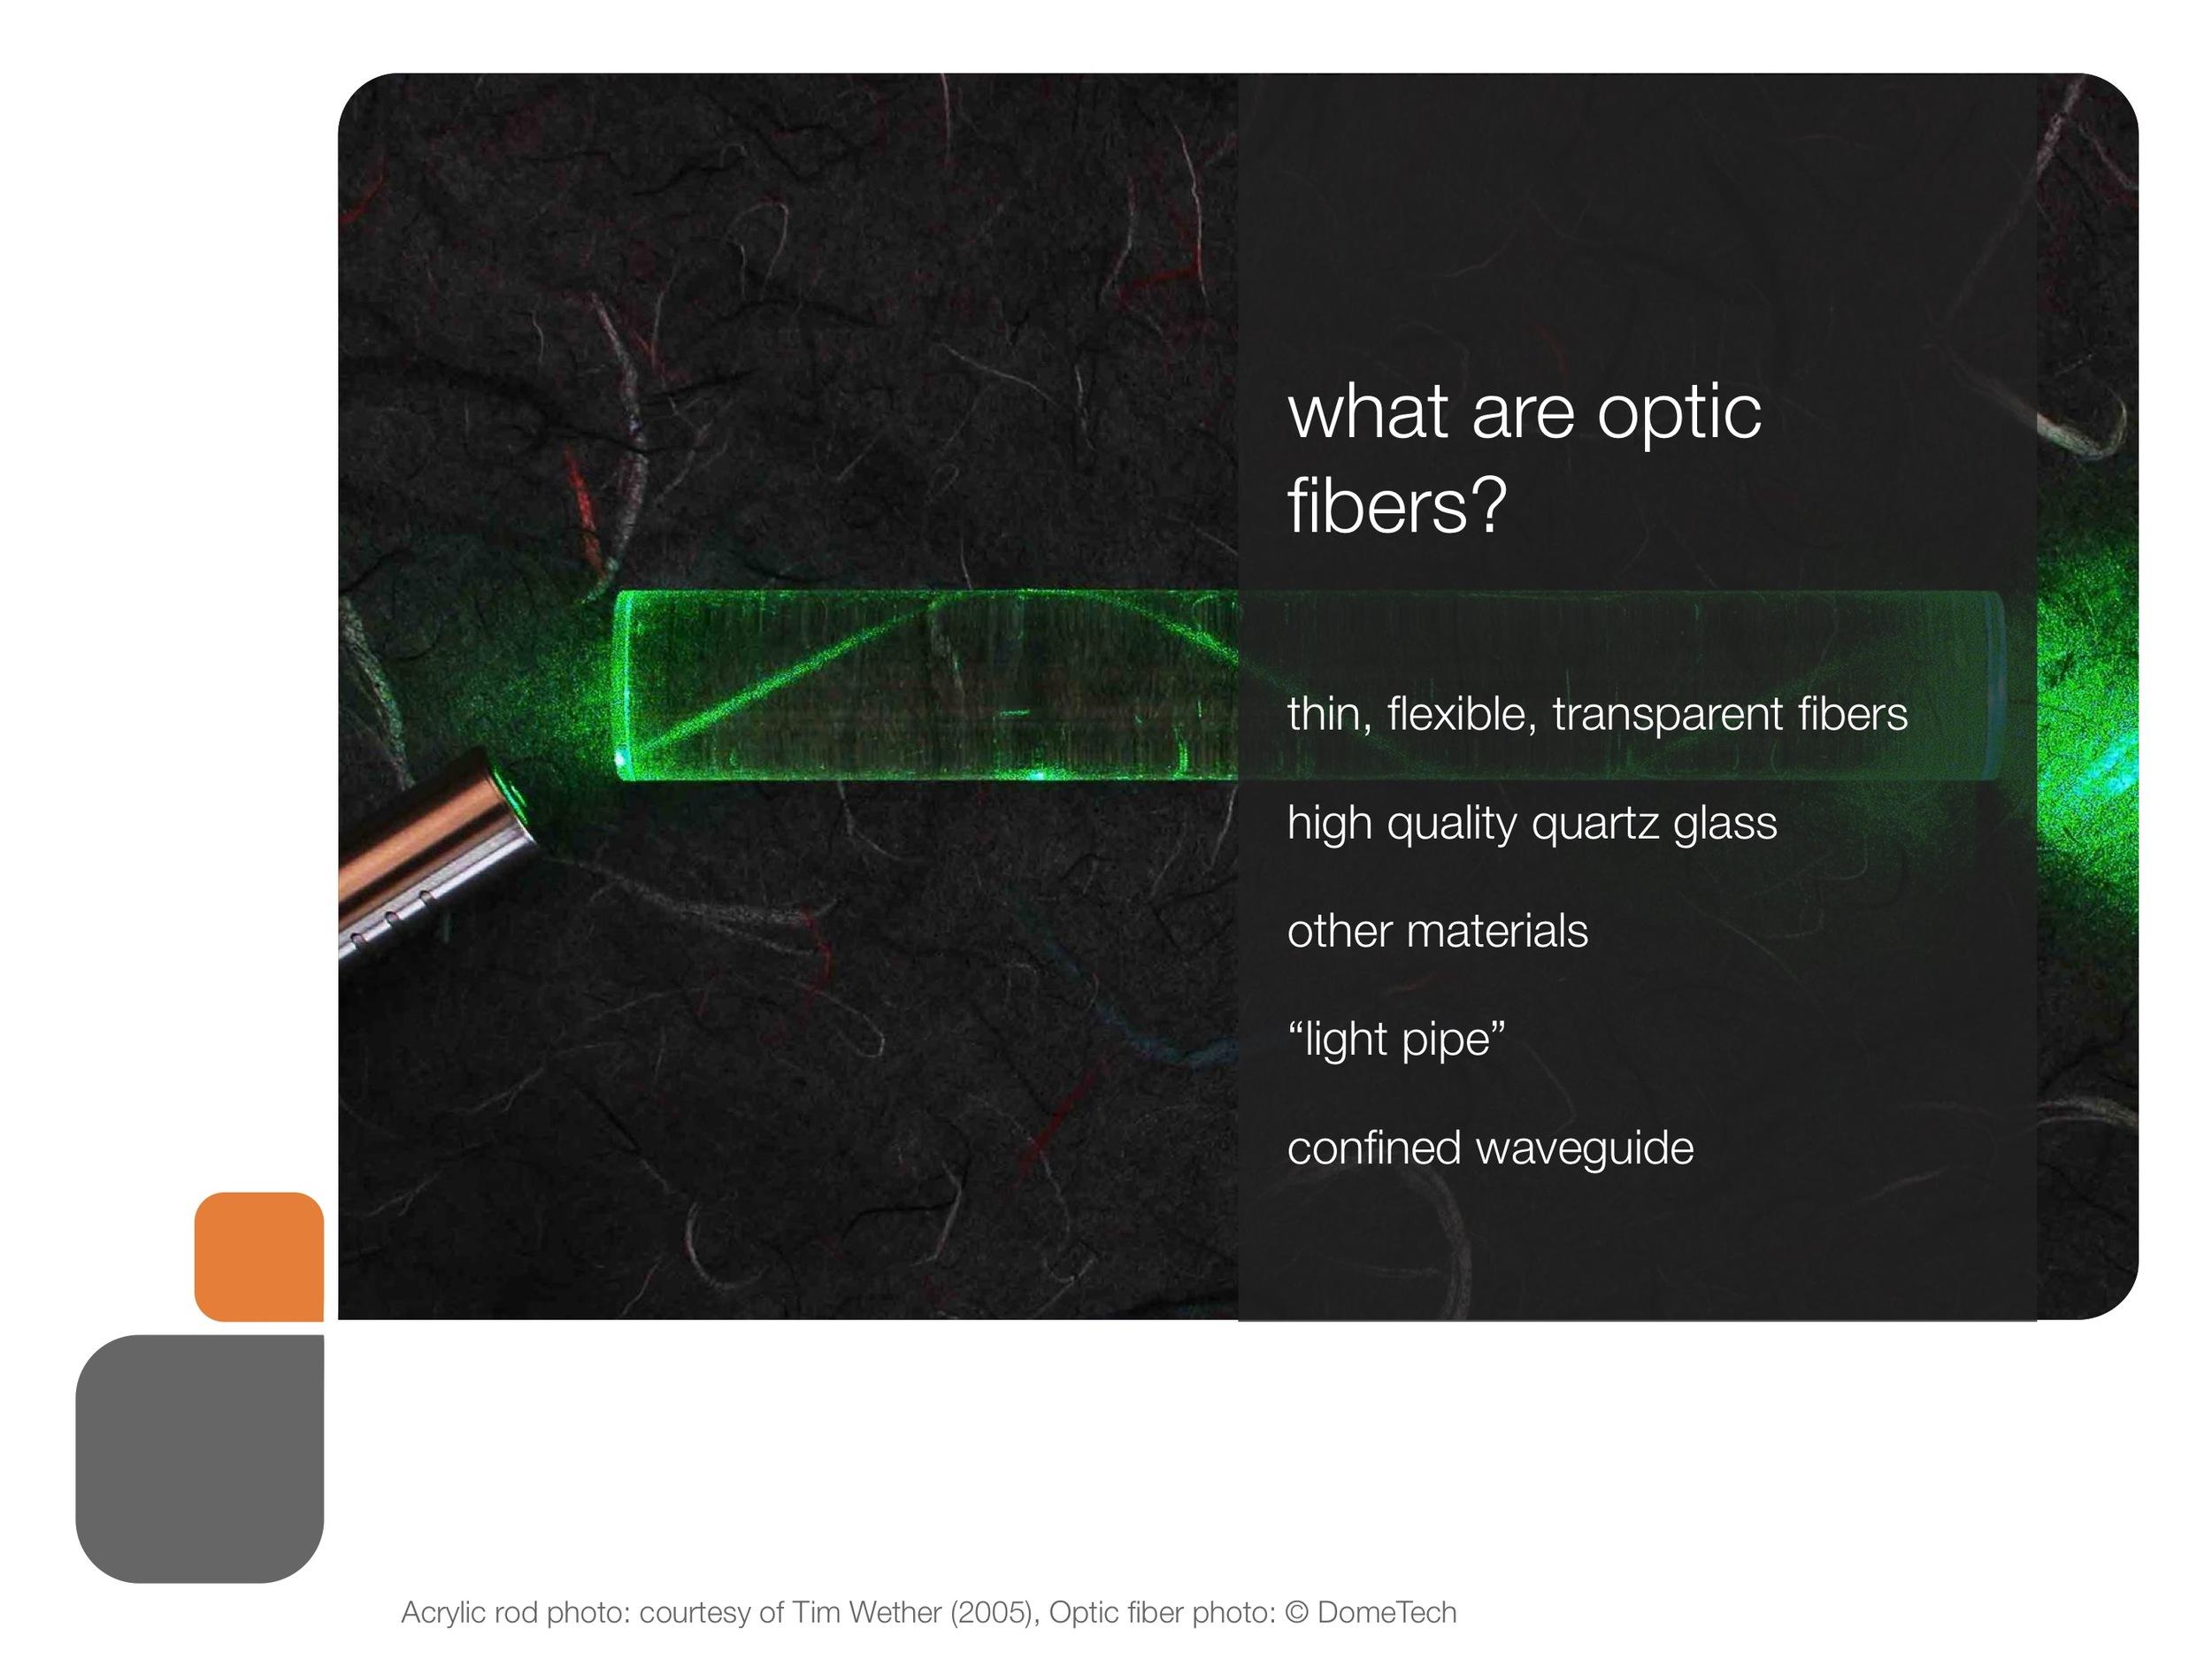 role_of_fiber_og_presentation 23.jpeg